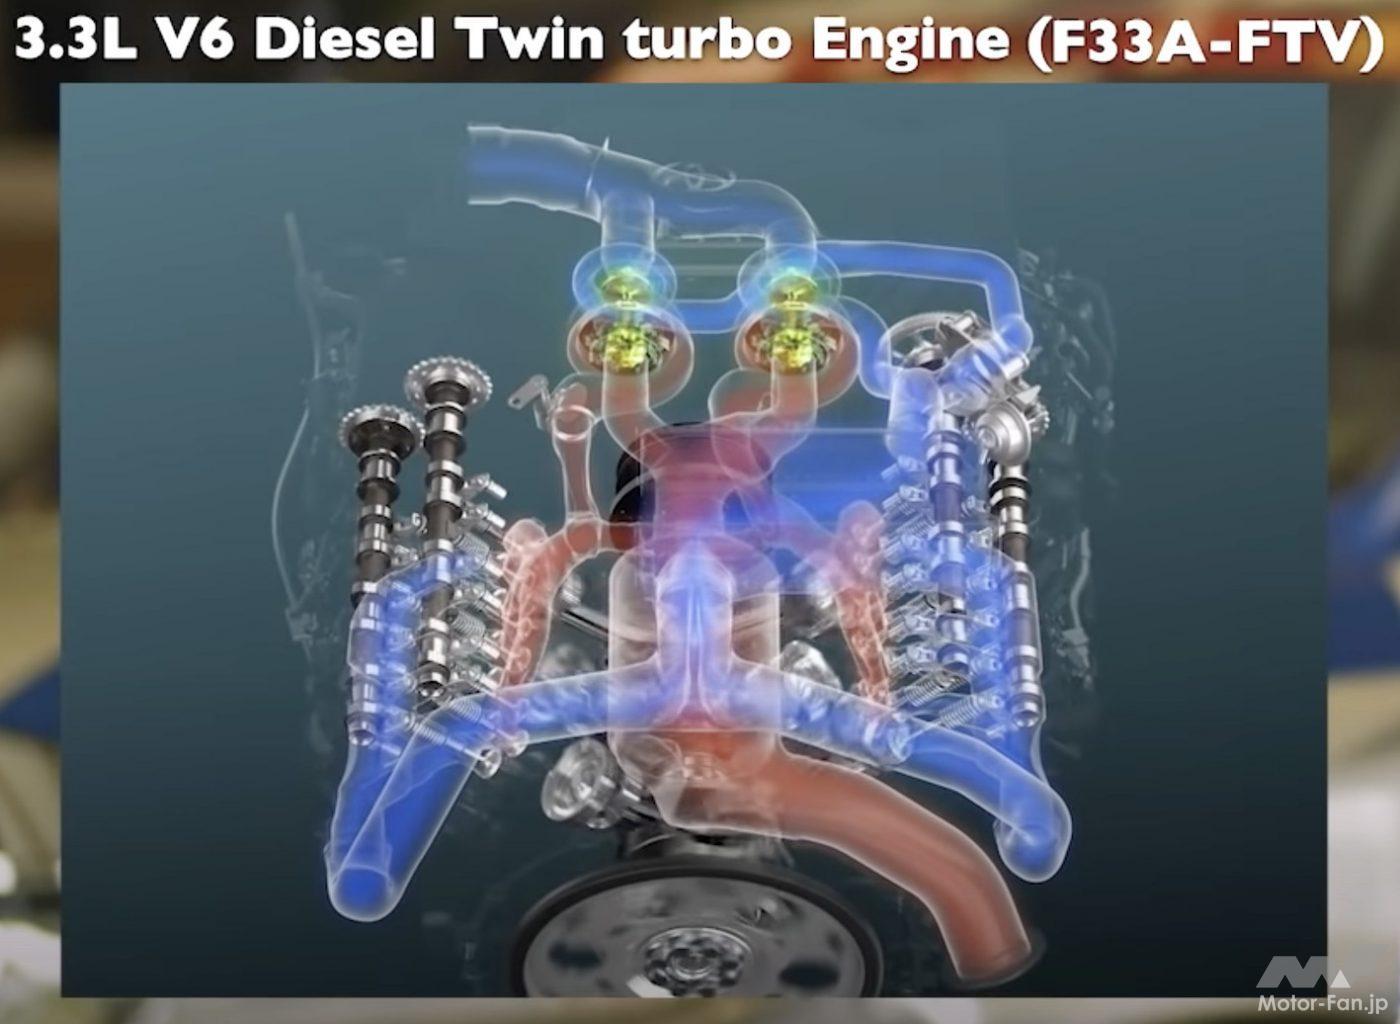 「間もなく日本デビュー! 新型トヨタ・ランドクルーザー(300系)完全新開発3.3ℓV6ディーゼルツインターボ【F33A-FTV】とはどんなエンジンになるか」の15枚目の画像